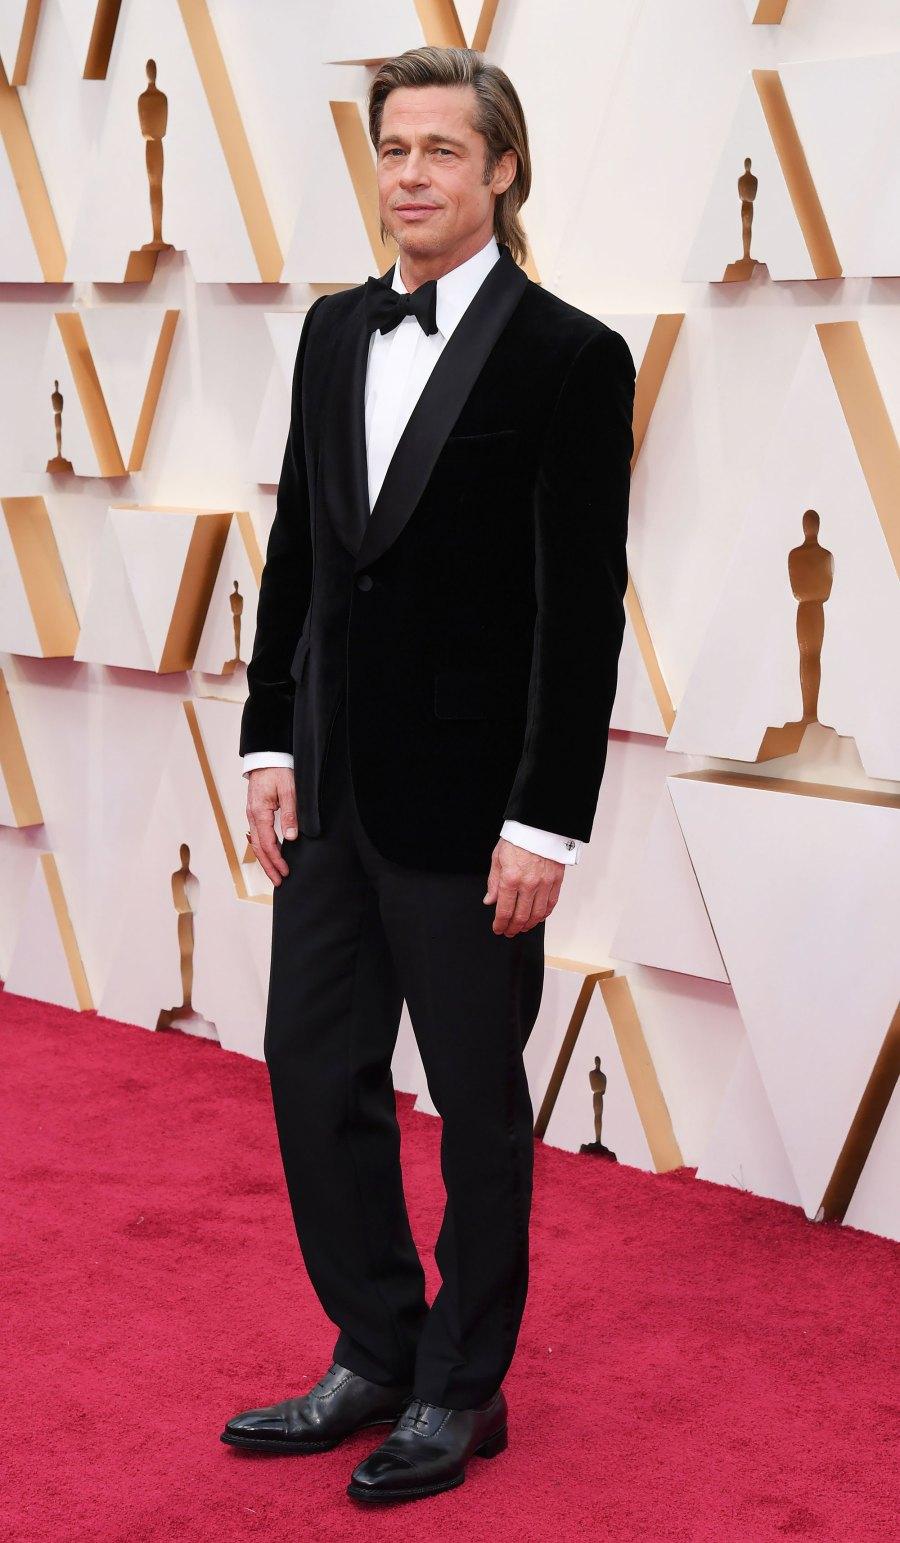 Oscars 2020 Best Dressed Men - Brad Pitt